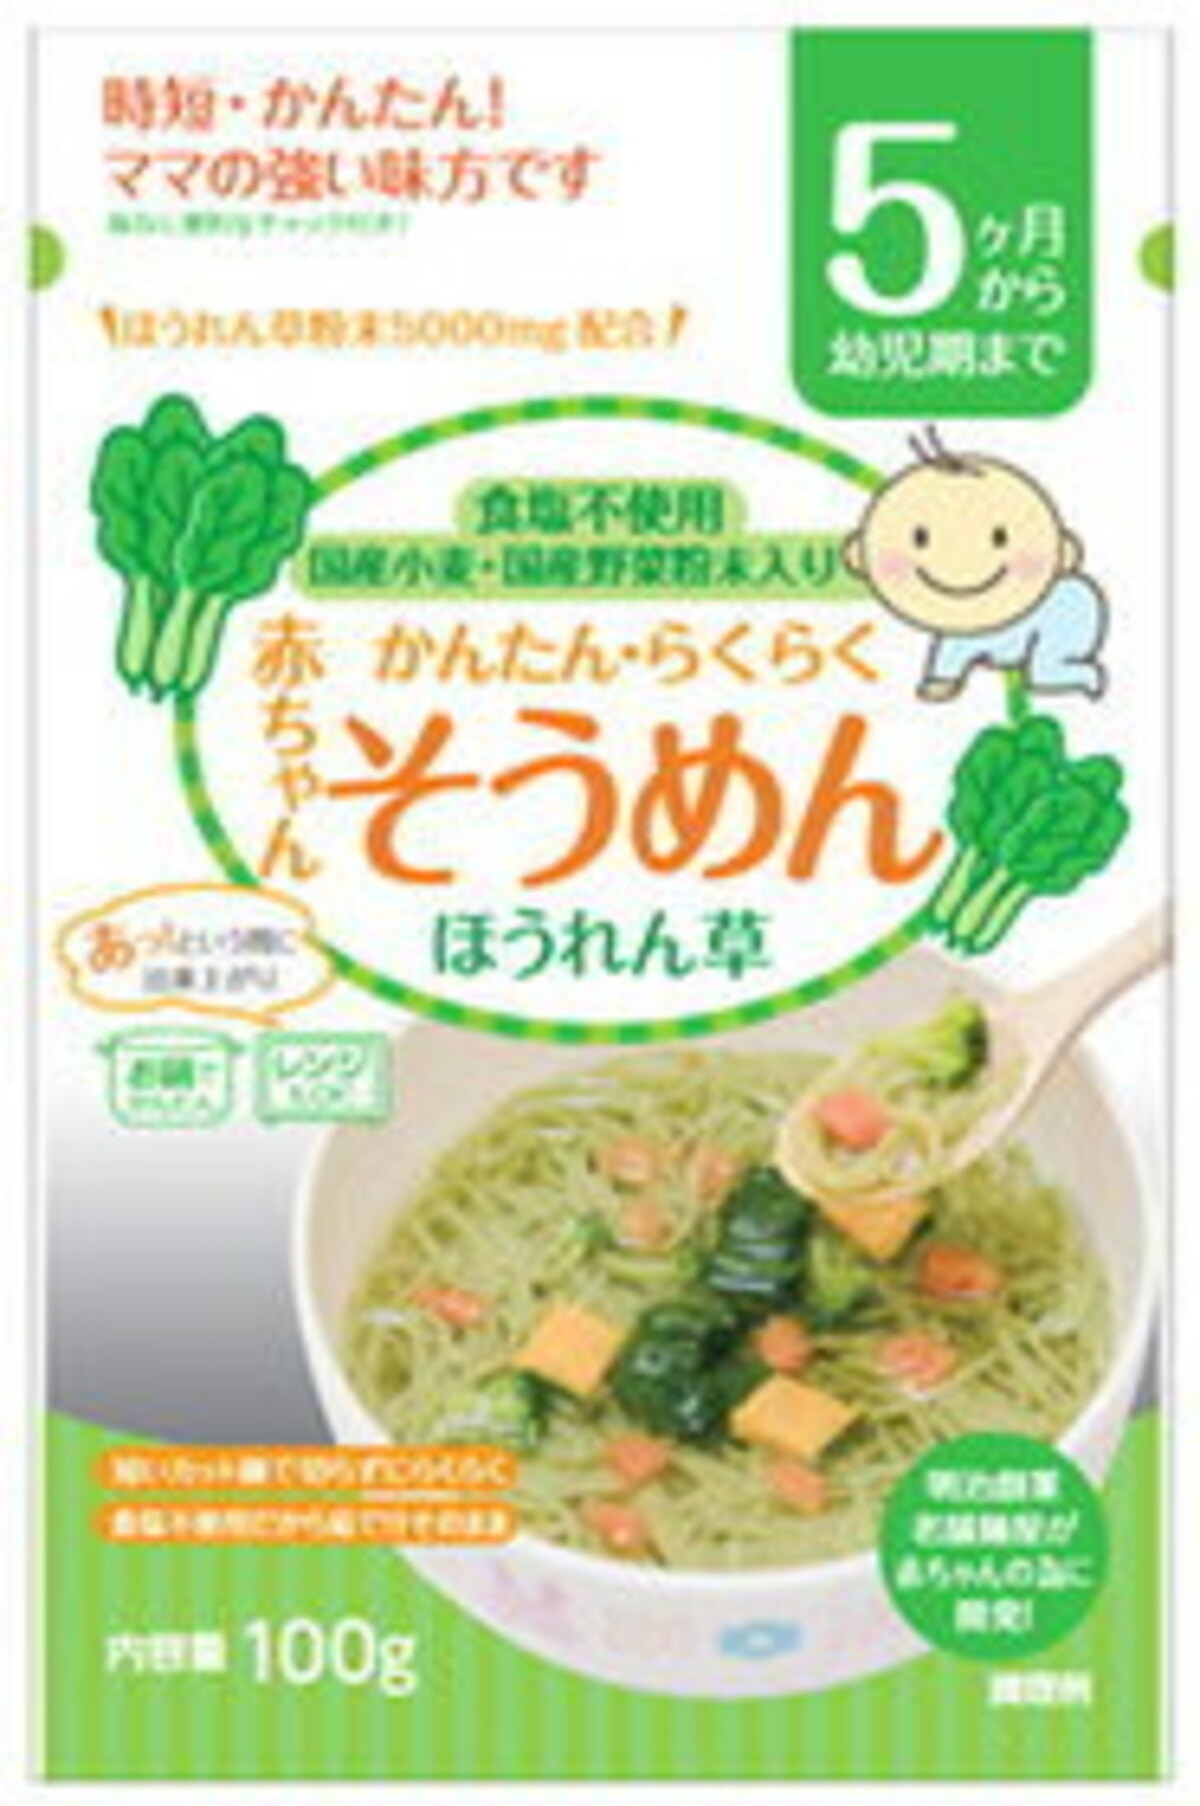 田靡製麺 赤ちゃんそうめん ほうれん草 (100g) 5ヵ月頃から幼児期まで